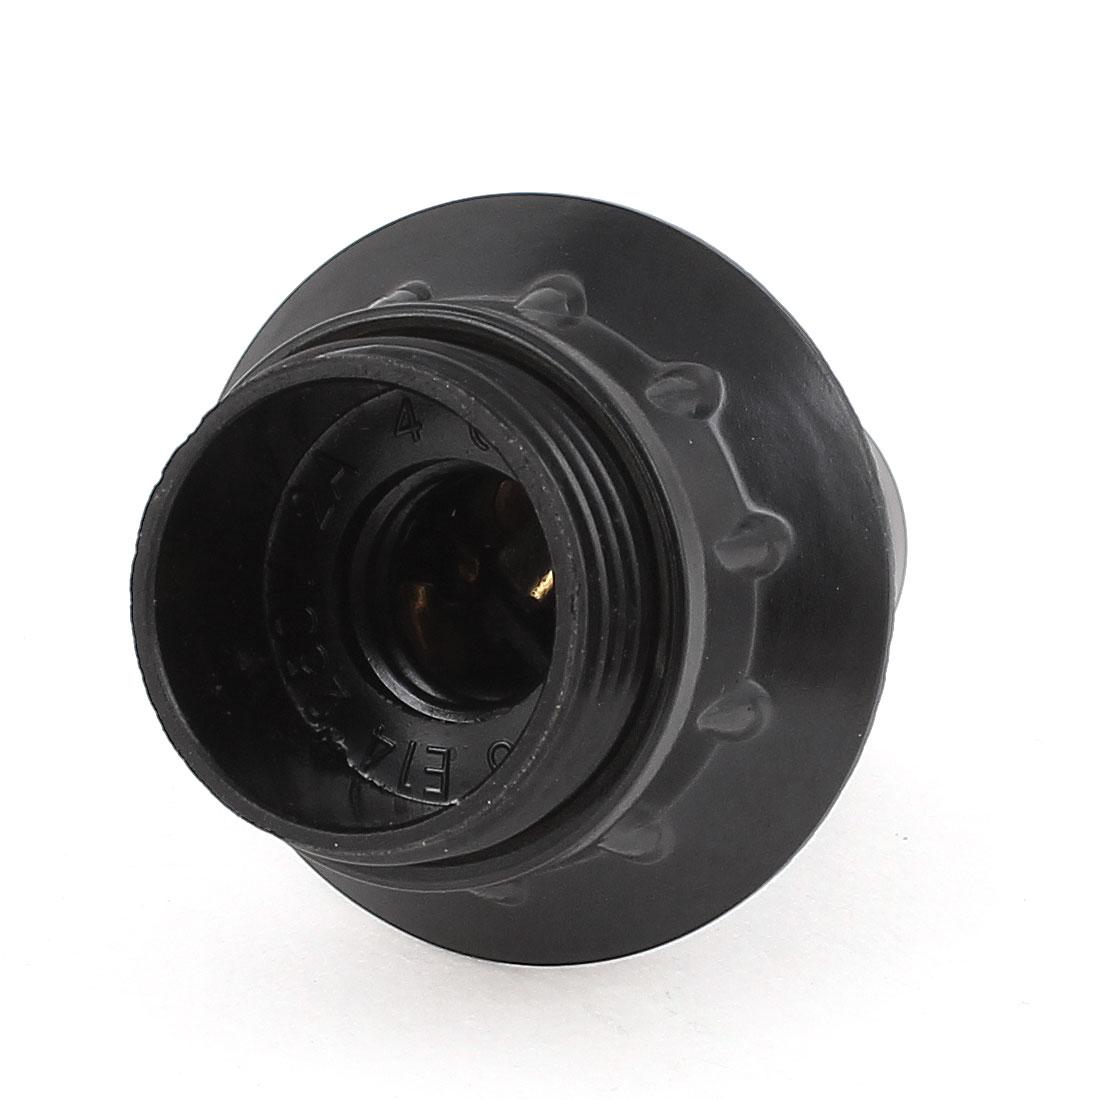 E14 Bulb Base Holder Pendant Lamp Locking Socket Converter AC 110V-220V